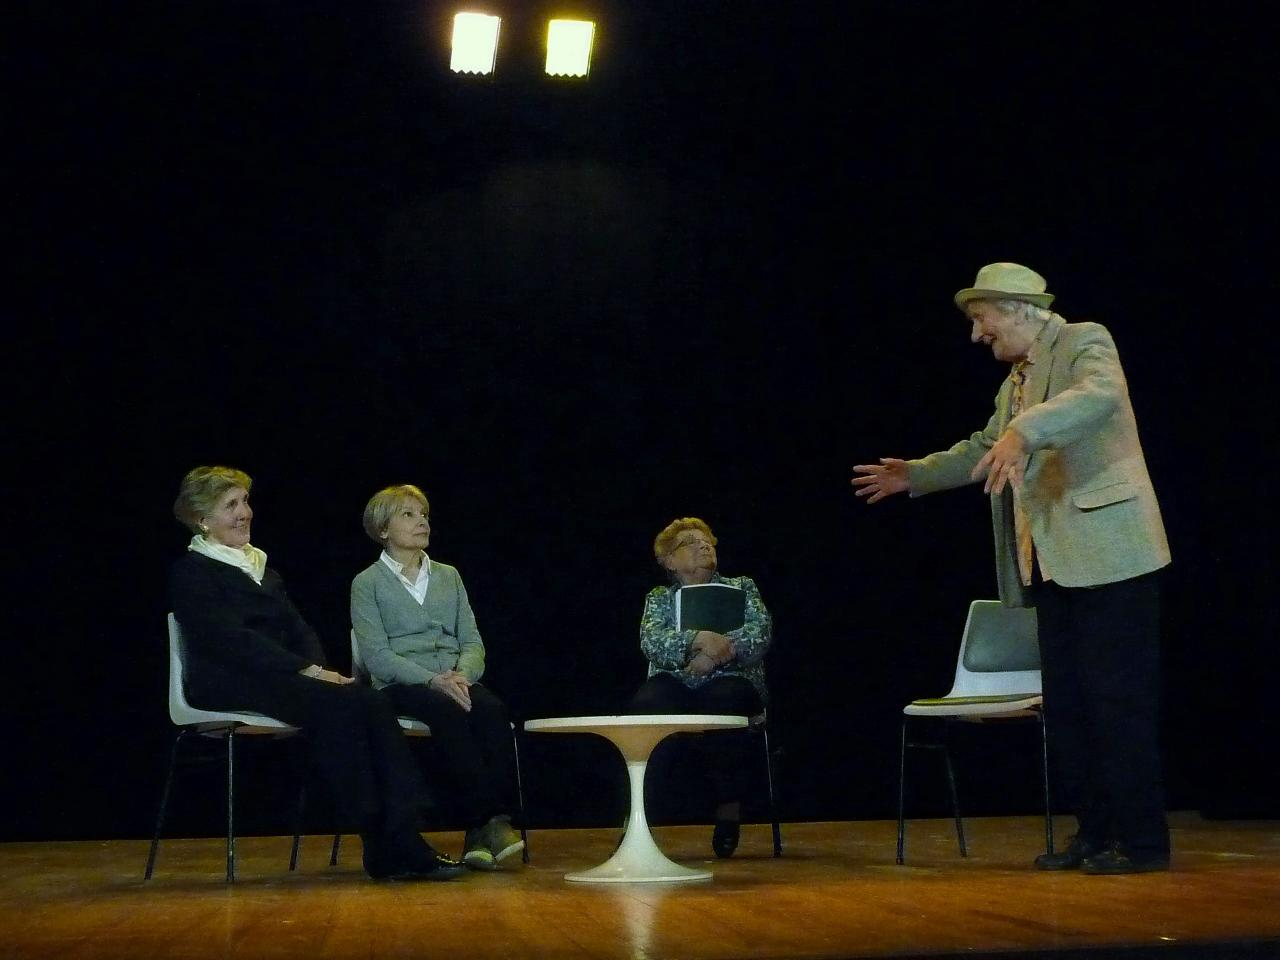 Le pt Théâtre fait son casting: Heureux